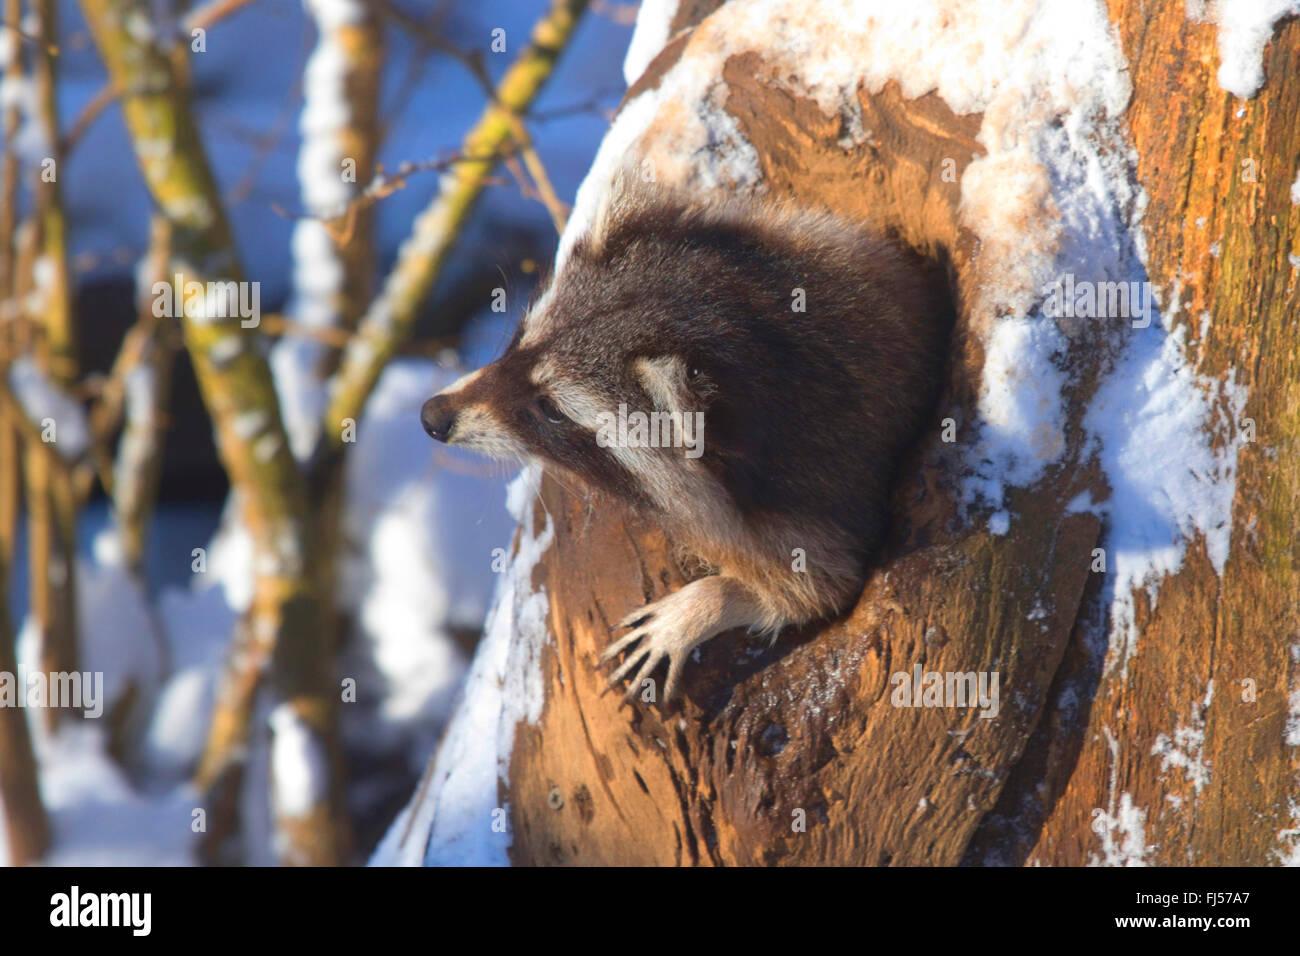 Politique raton laveur (Procyon lotor), à la recherche d'un trou d'arbre en hiver, Allemagne, Rhénanie Photo Stock